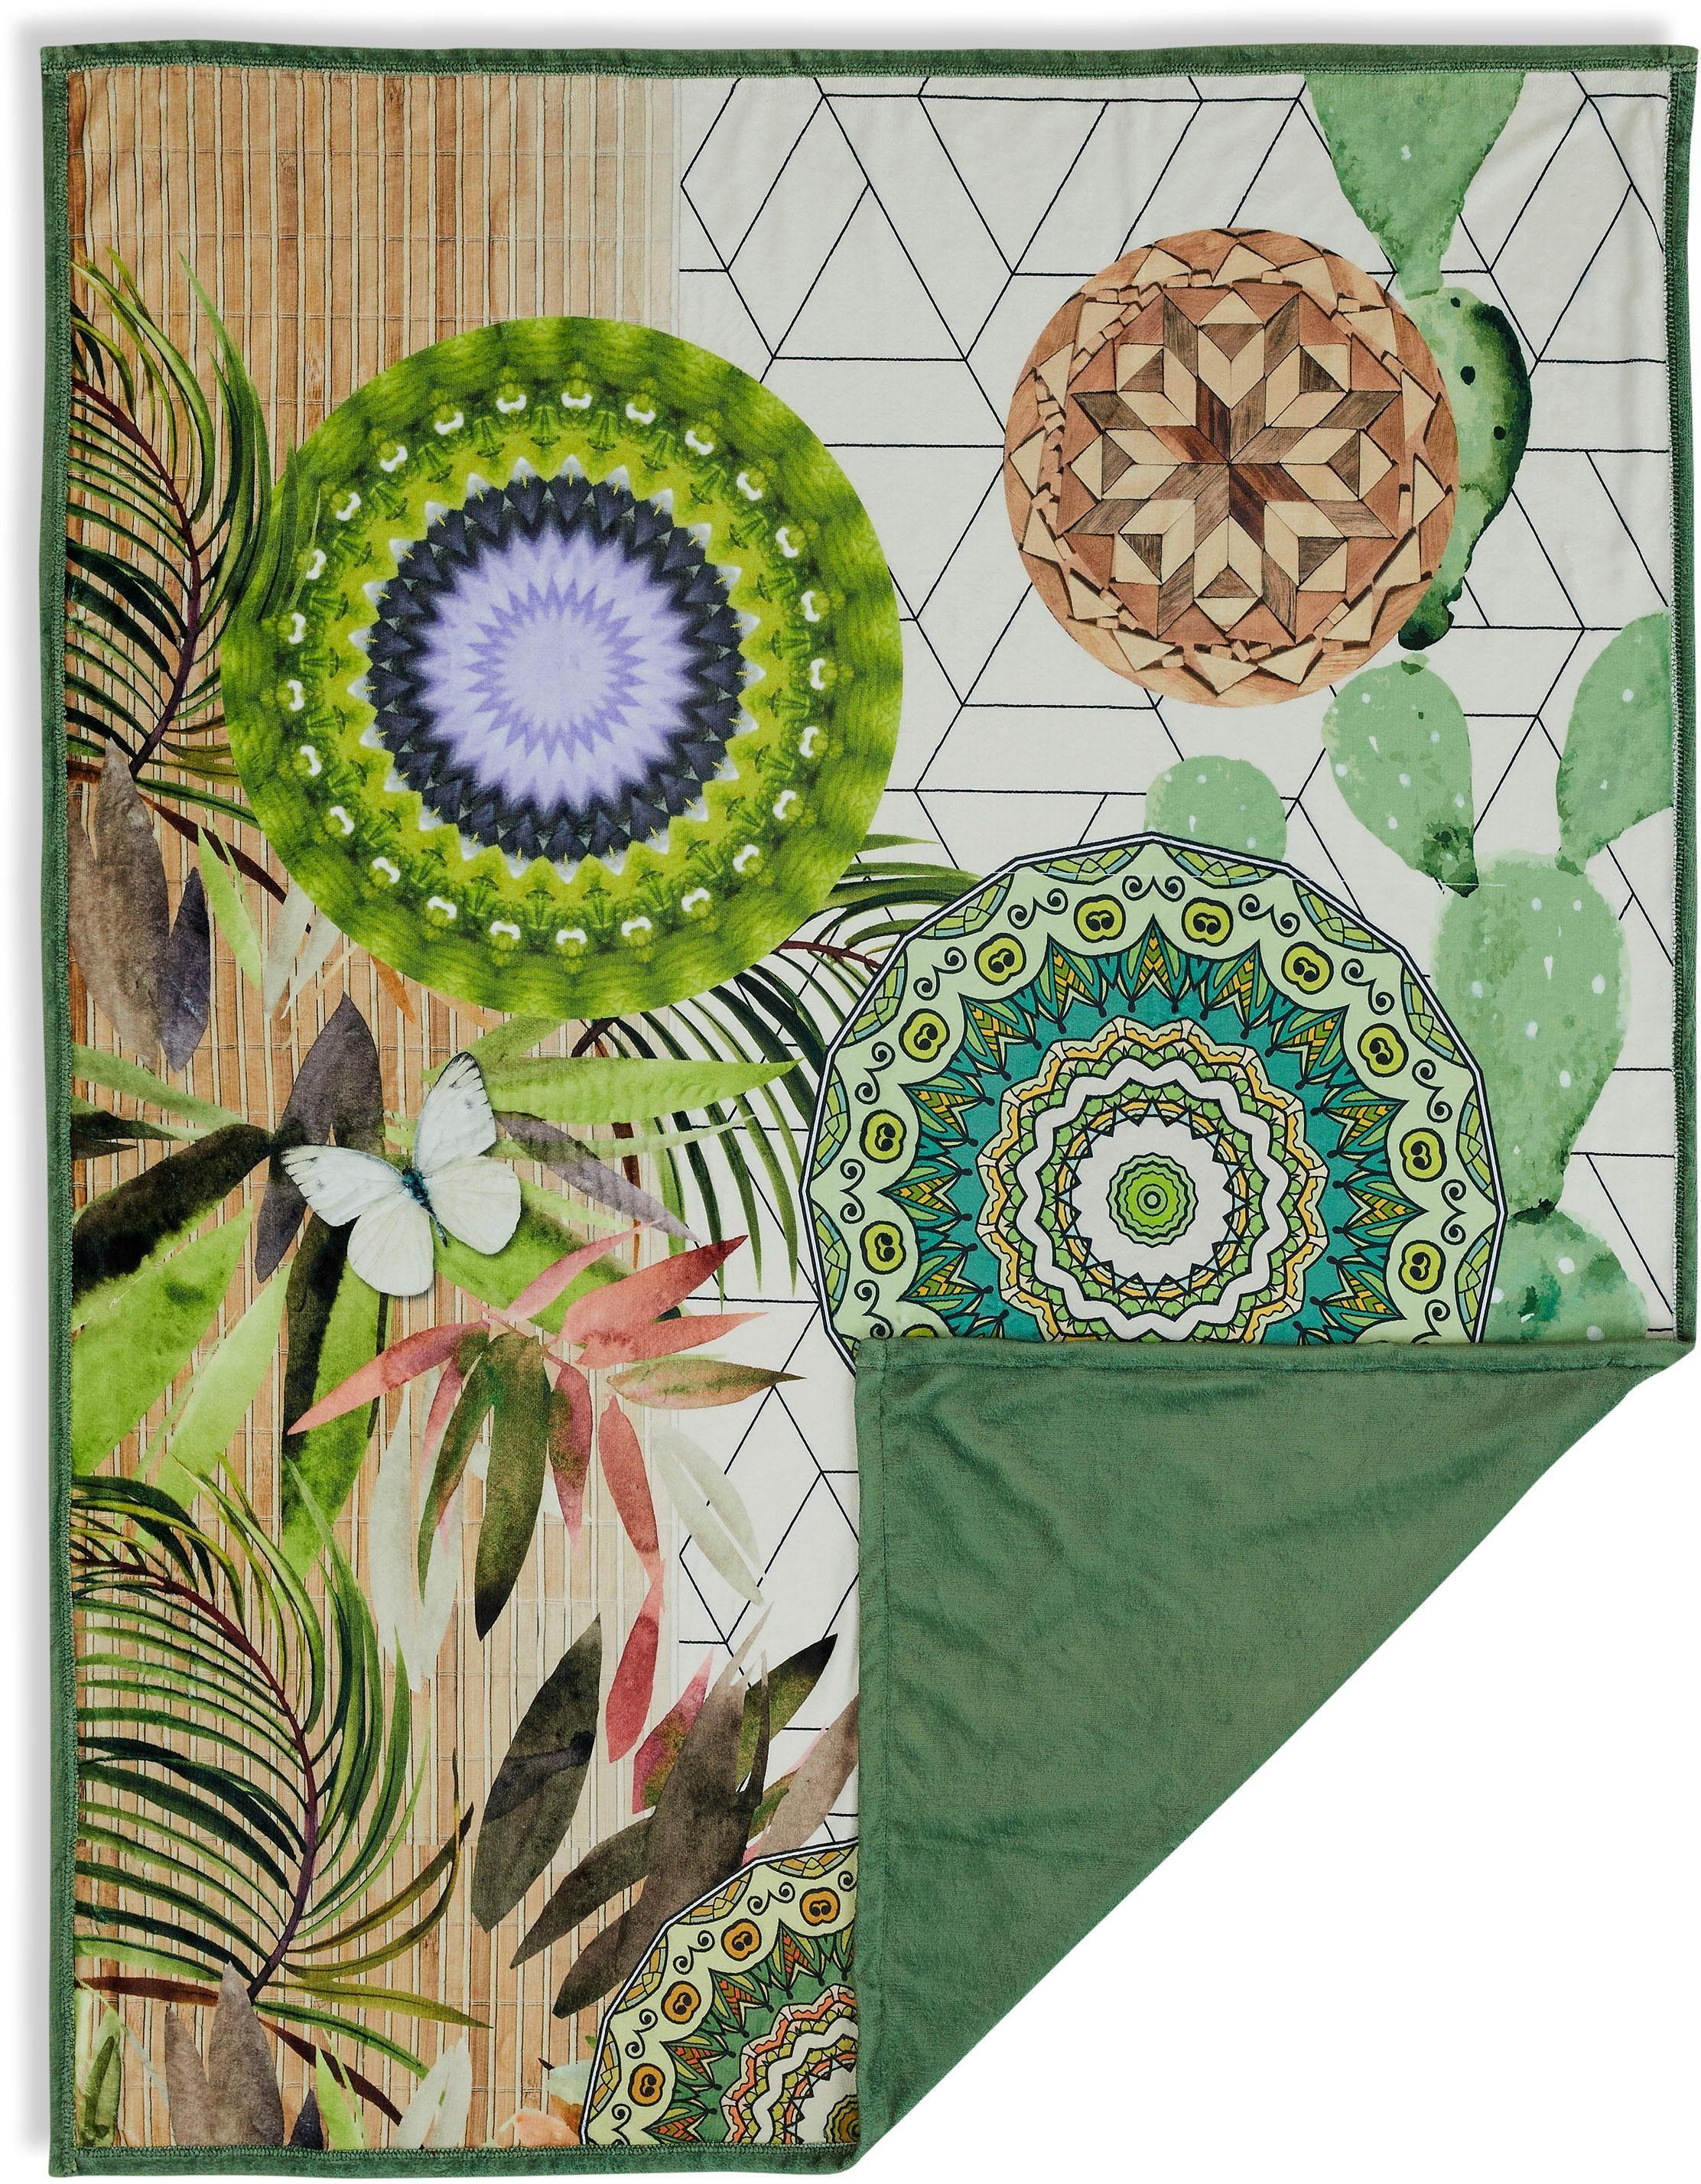 Wohndecke »Bodhini«, hip, mit floralen Muster